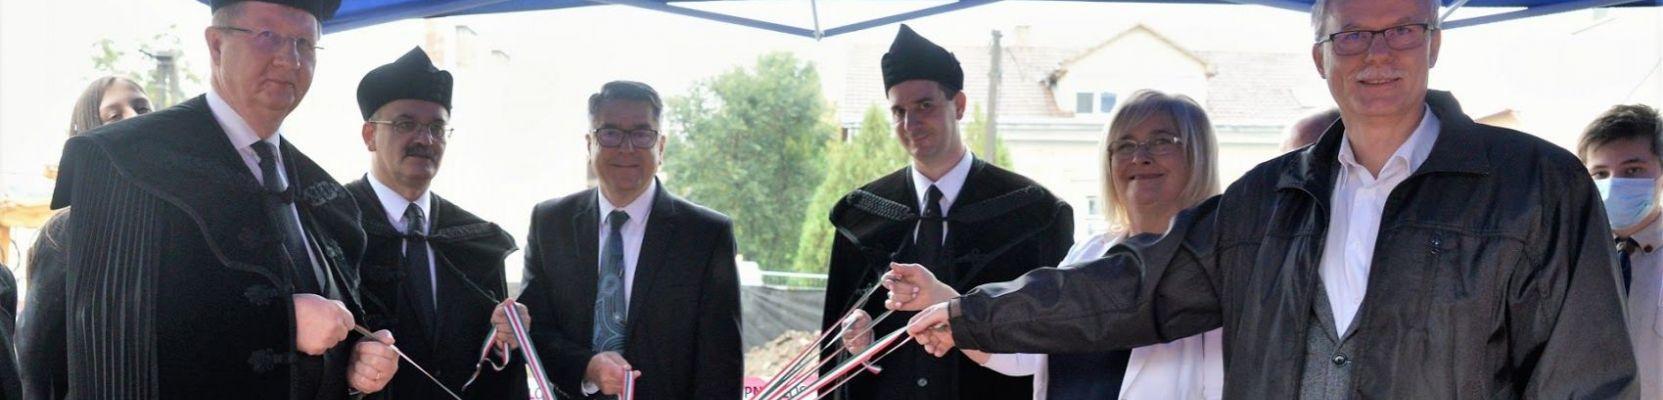 Megtörtént a Jókai Mór Református Általános Iskola új épületegységének alapkőletétele